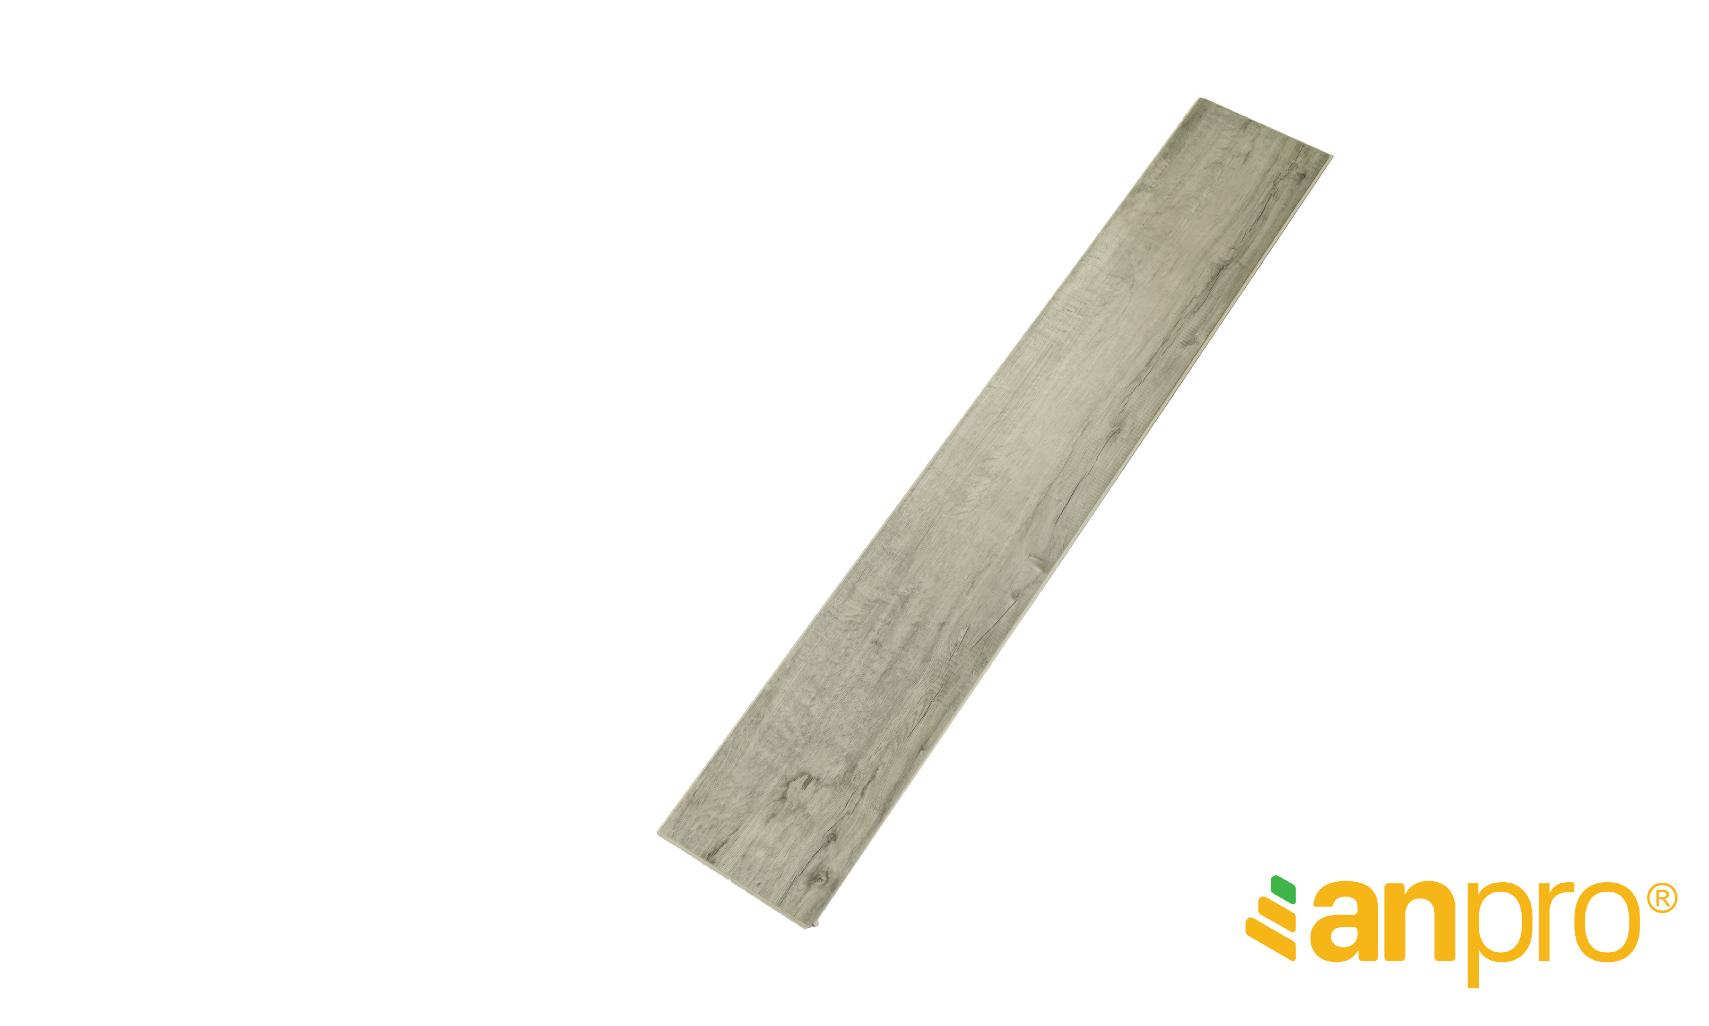 SA69 01 - Sàn AnPro vân gỗ SA69